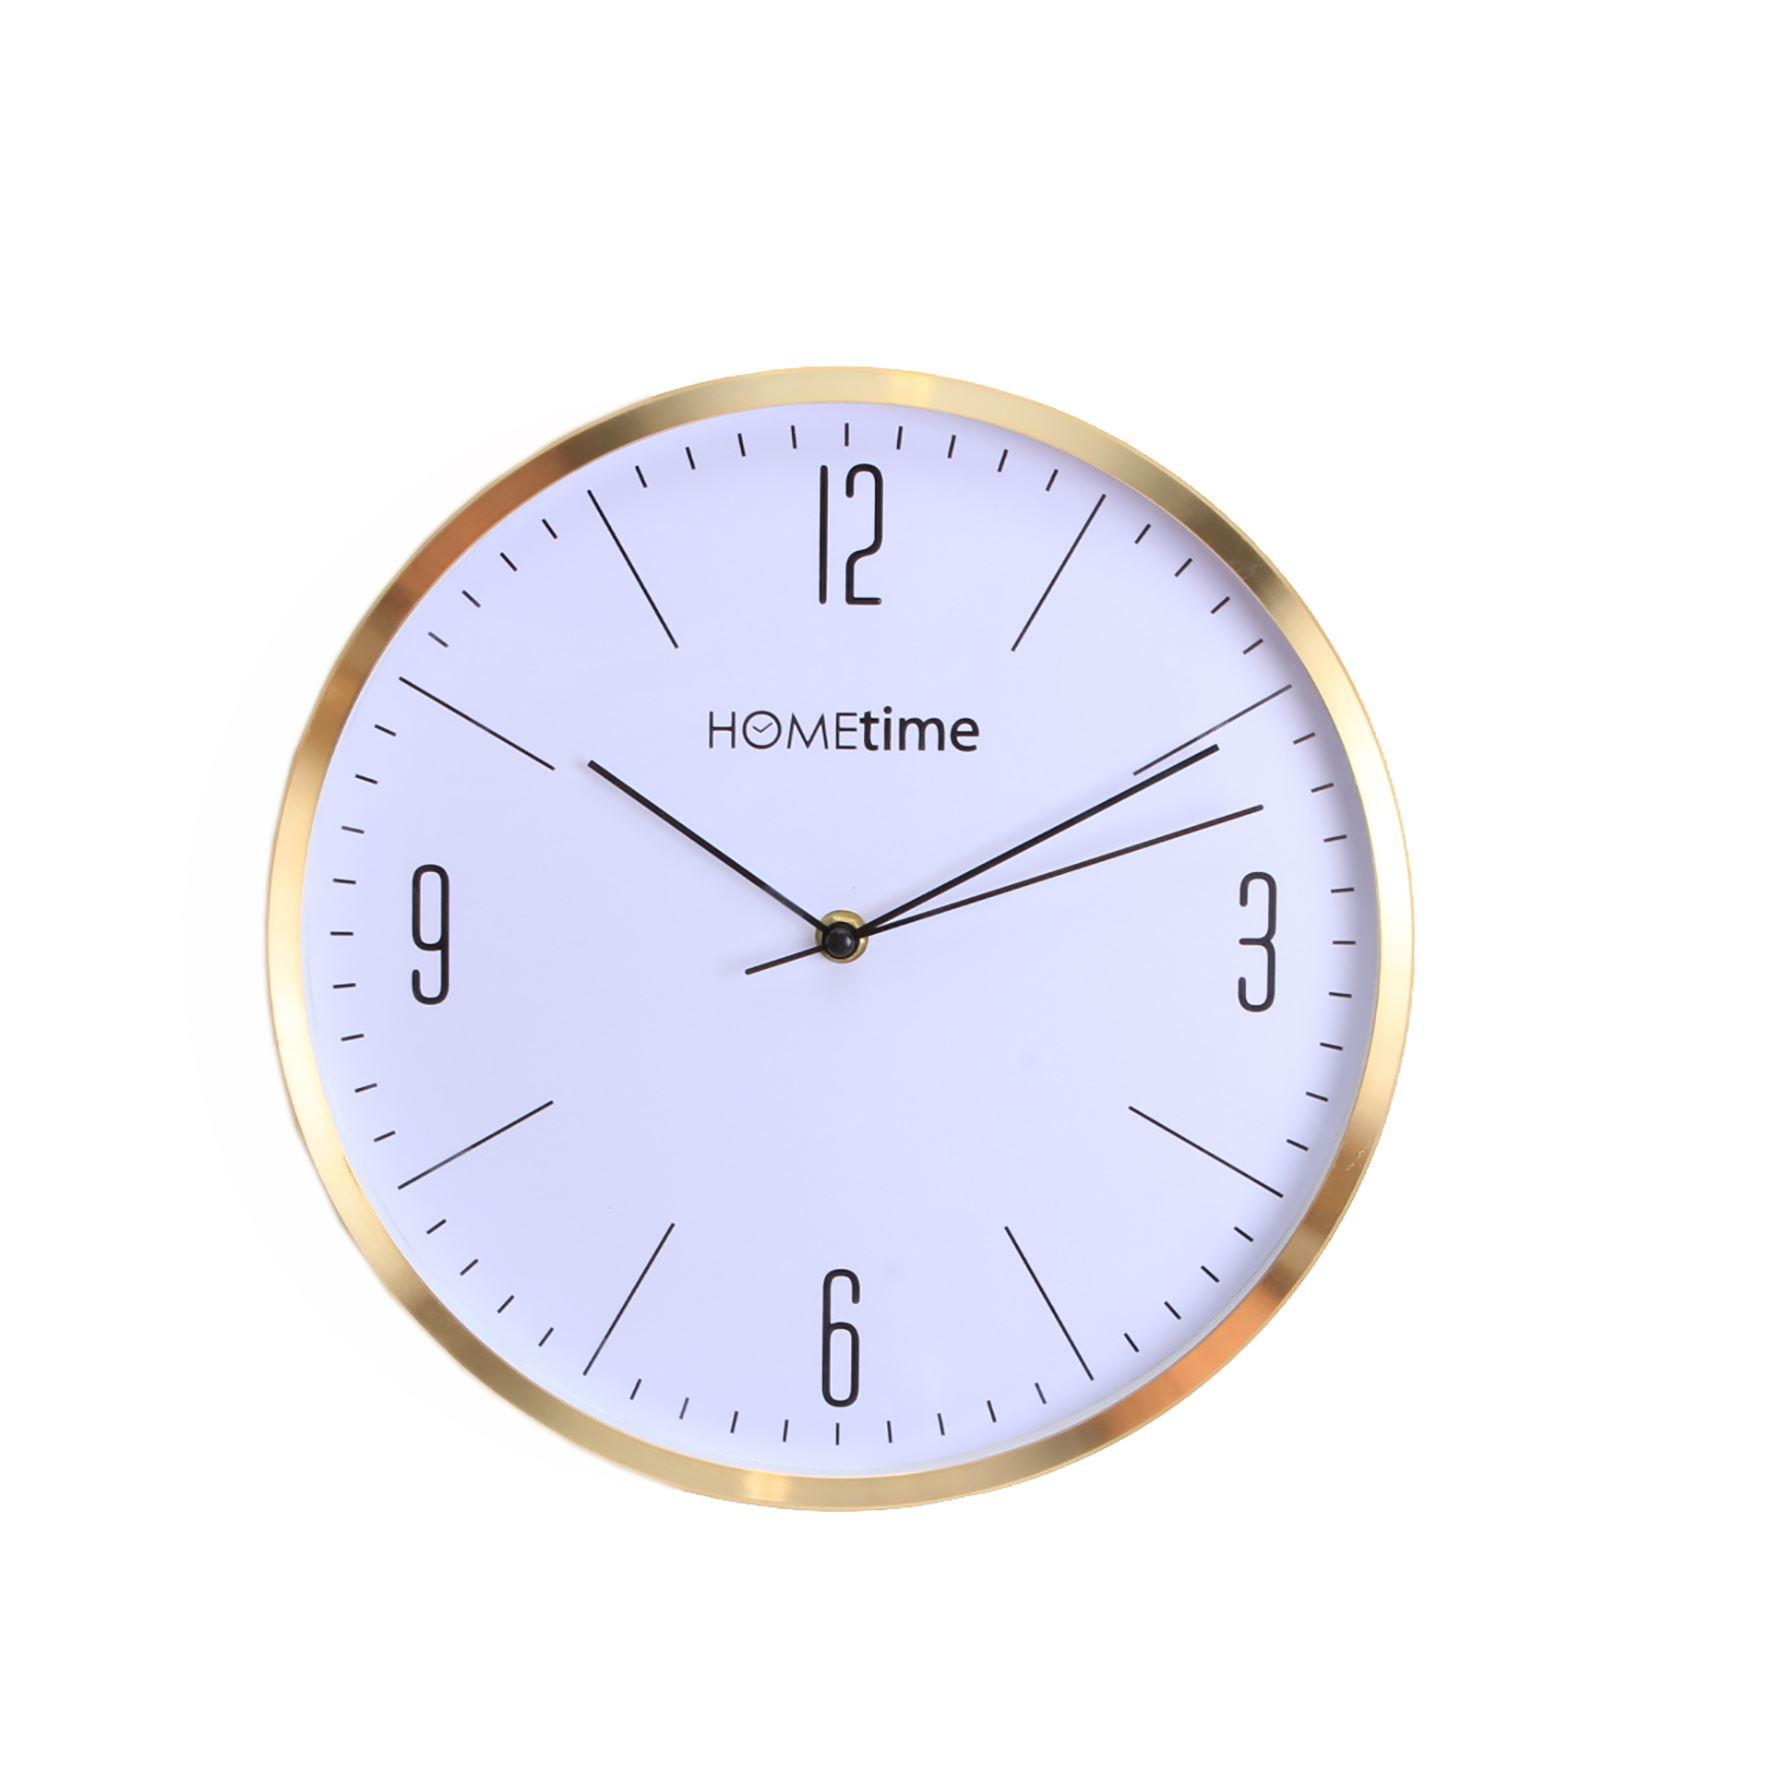 Hometime Aluminium Wall Clock Gold Finish Arabic 30Cm